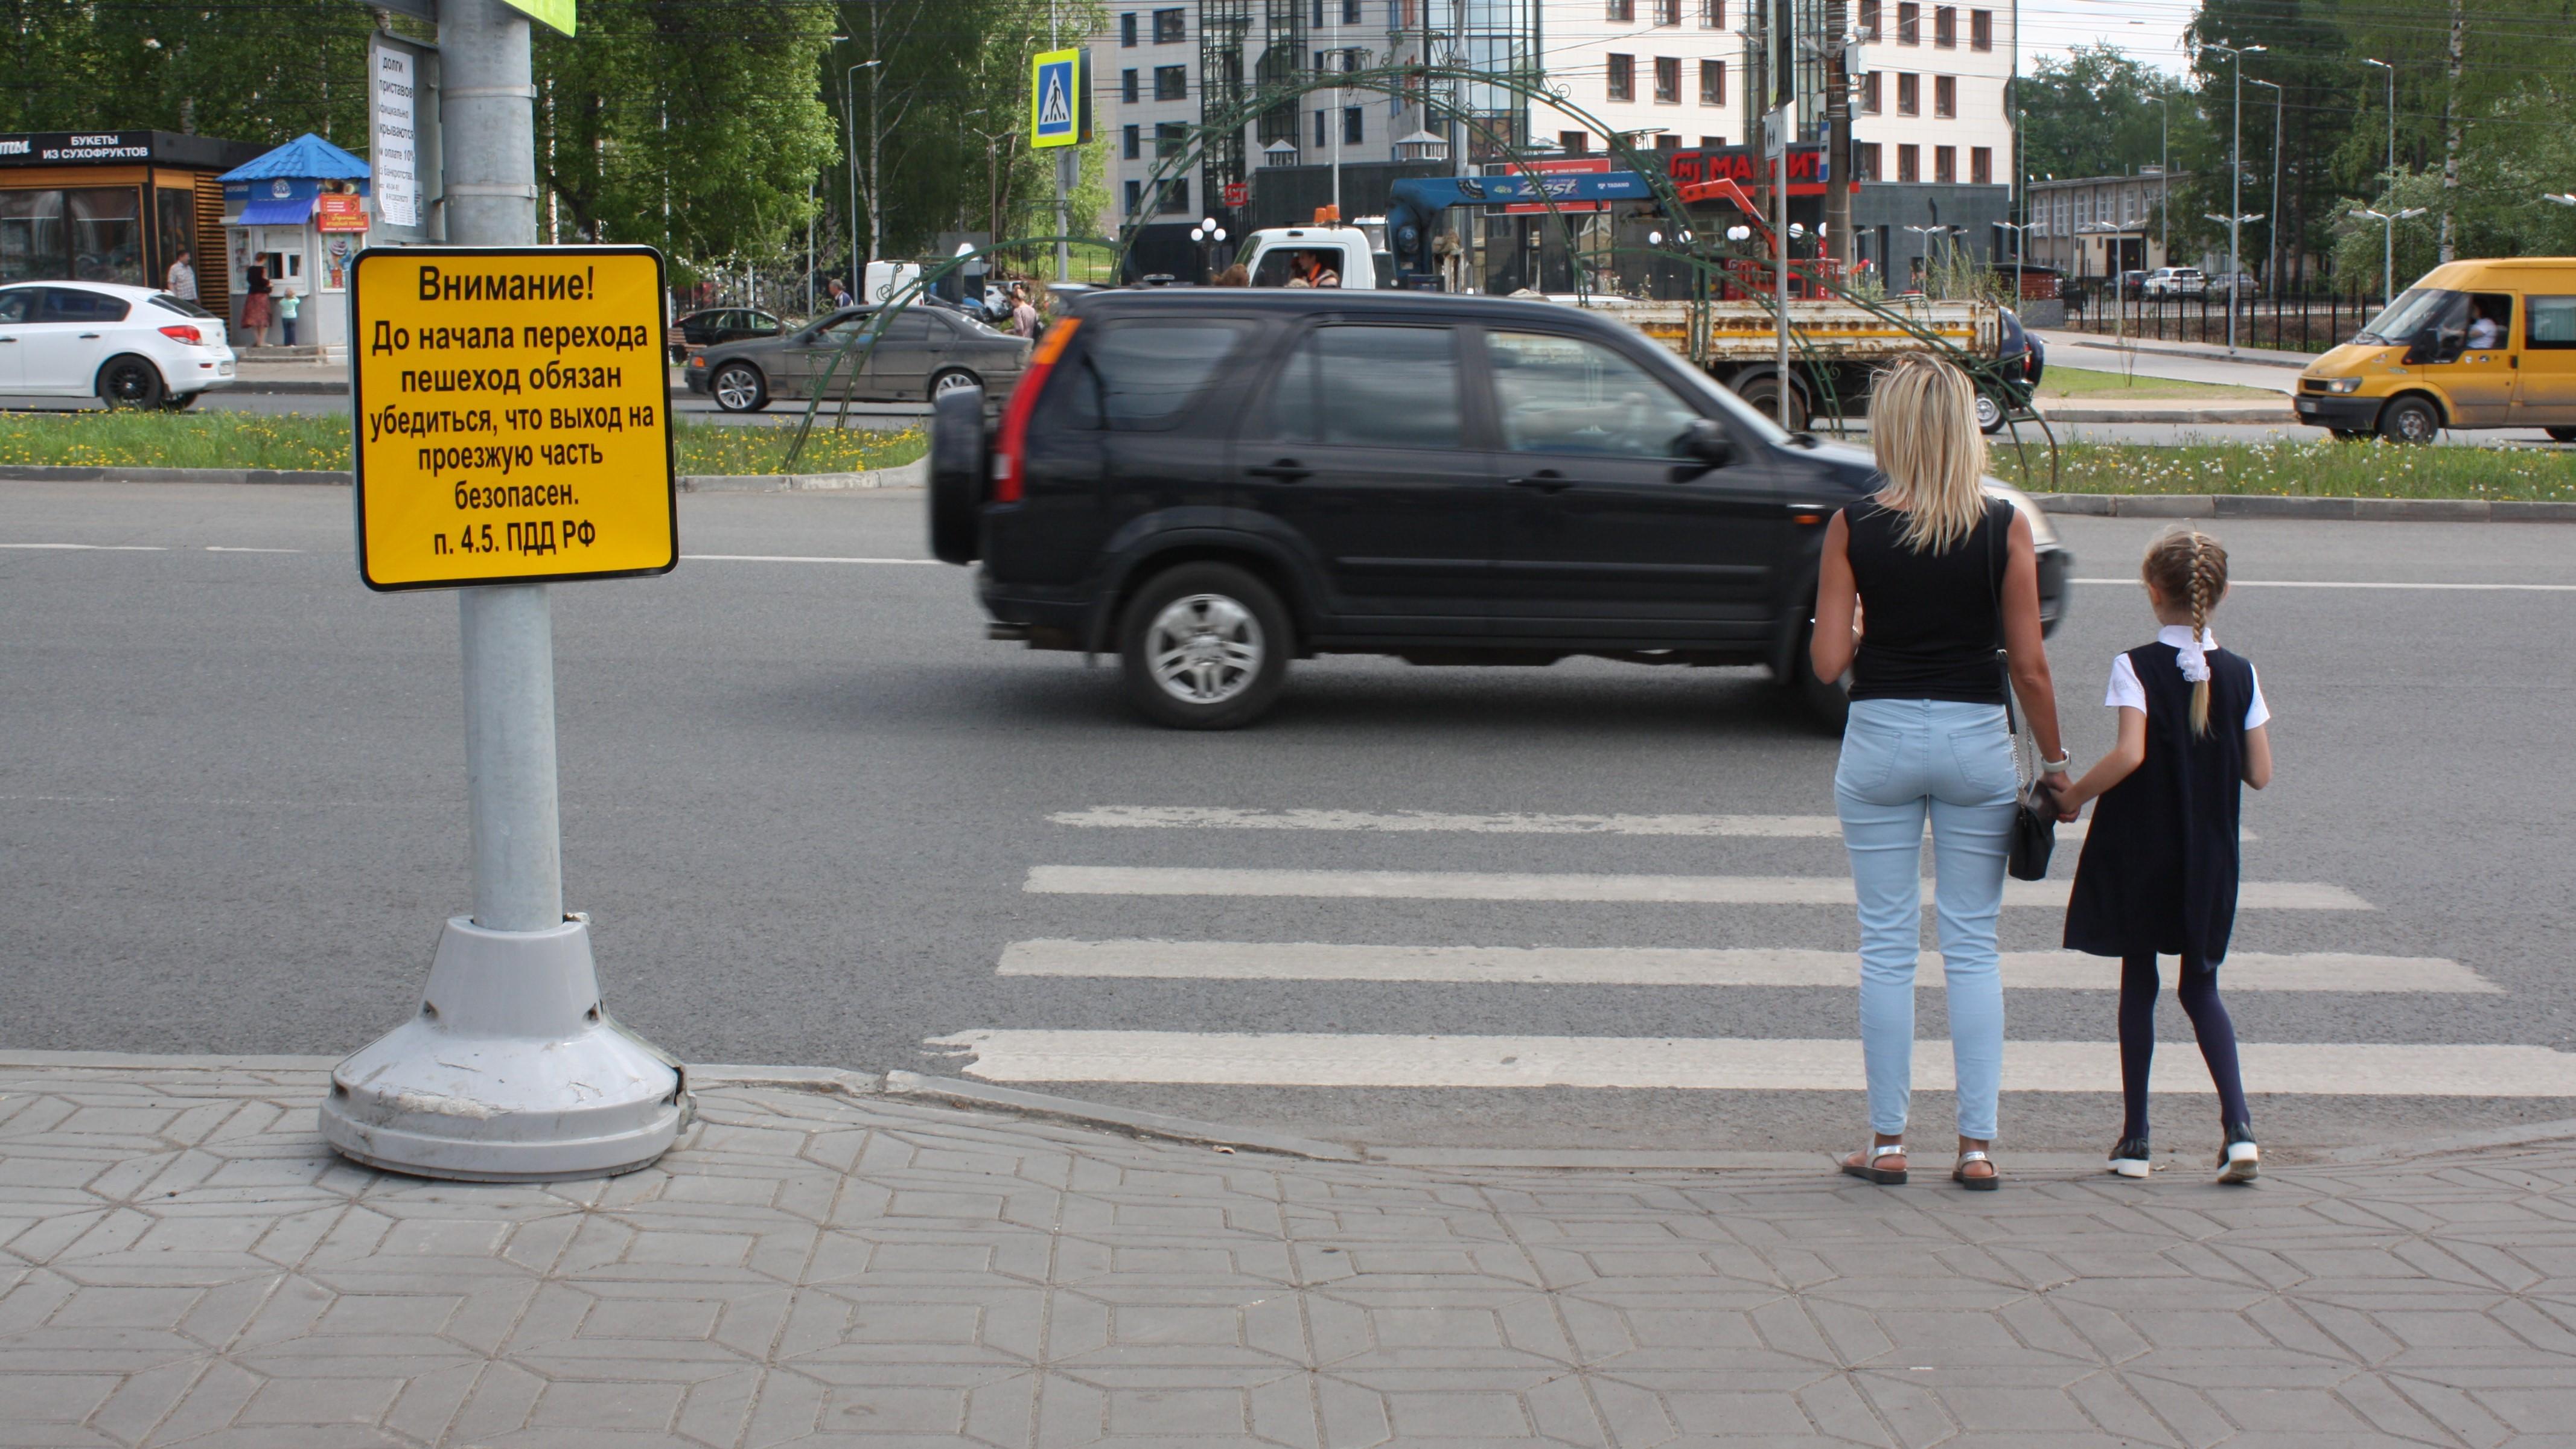 В Кирове появятся новые знаки с предупреждениями для пешеходов